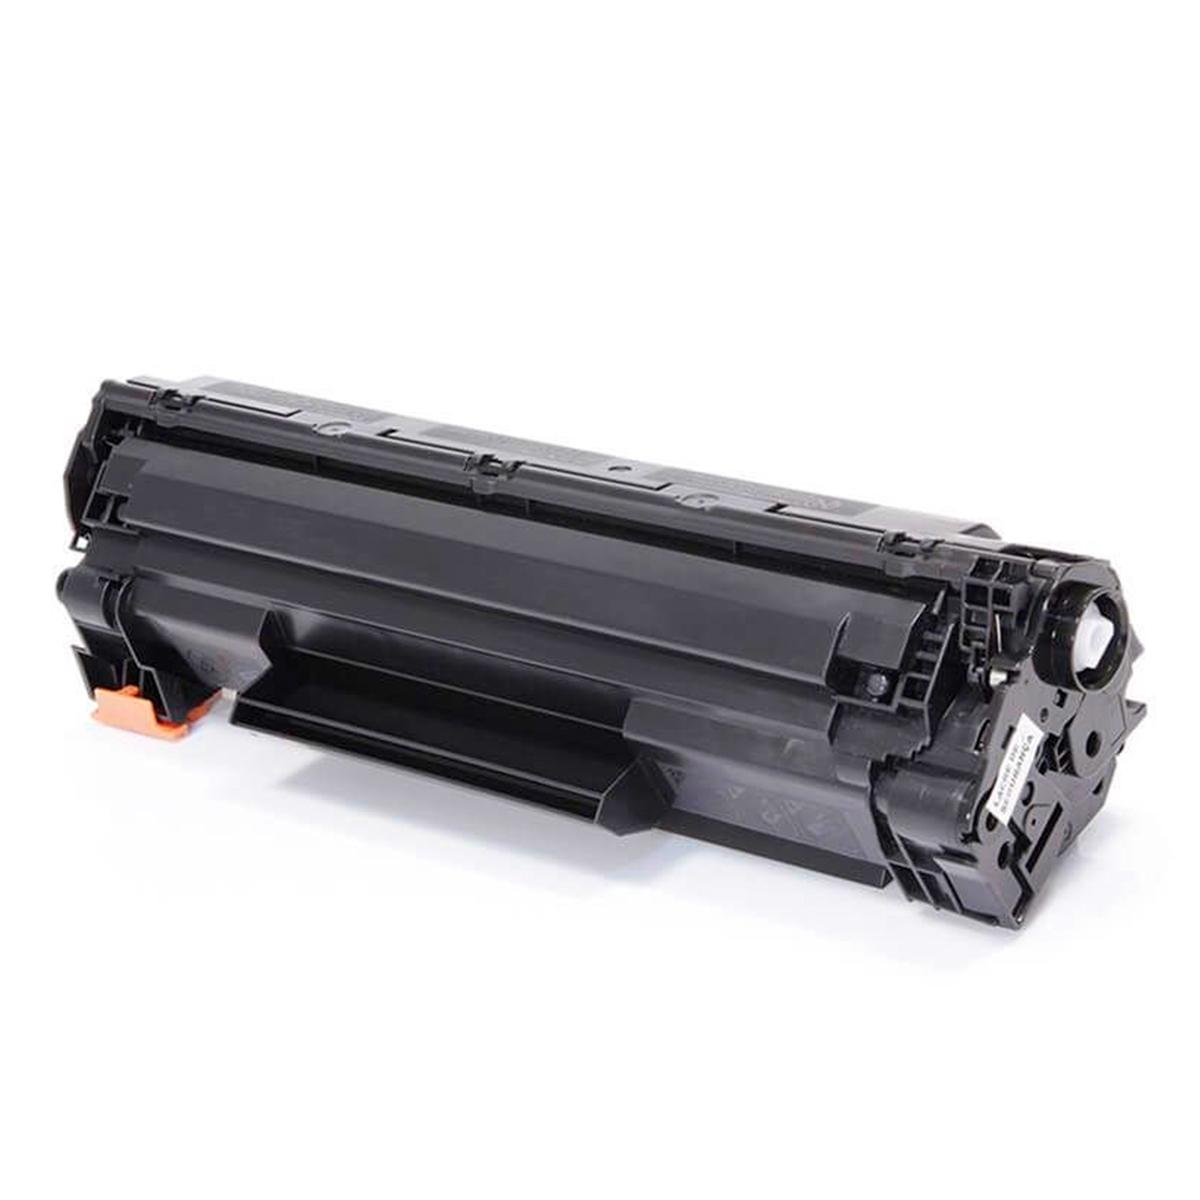 Toner Universal Evolut Compatível com HP CB435A/CB436A/CB285A Rendimento 2.100 Impressões/Páginas